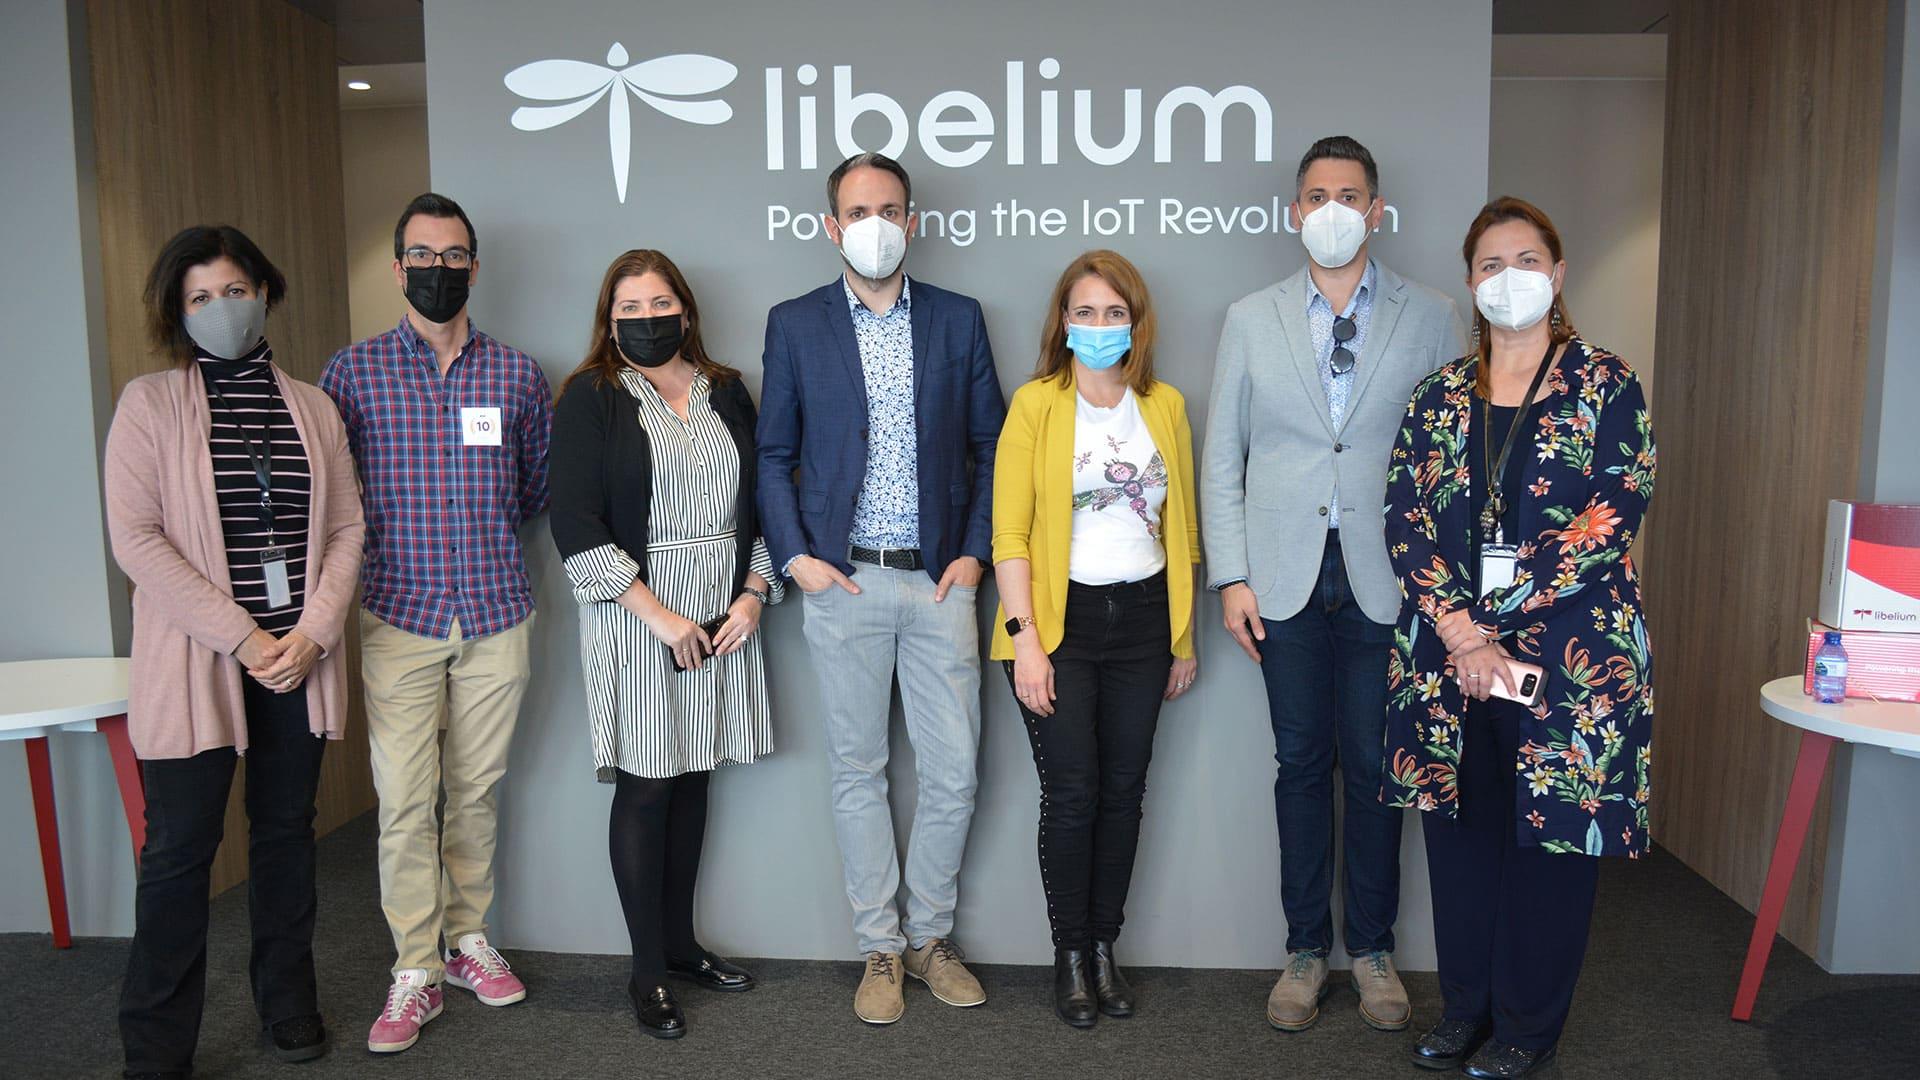 Directores en la inauguración de las nuevas oficinas en Libelium